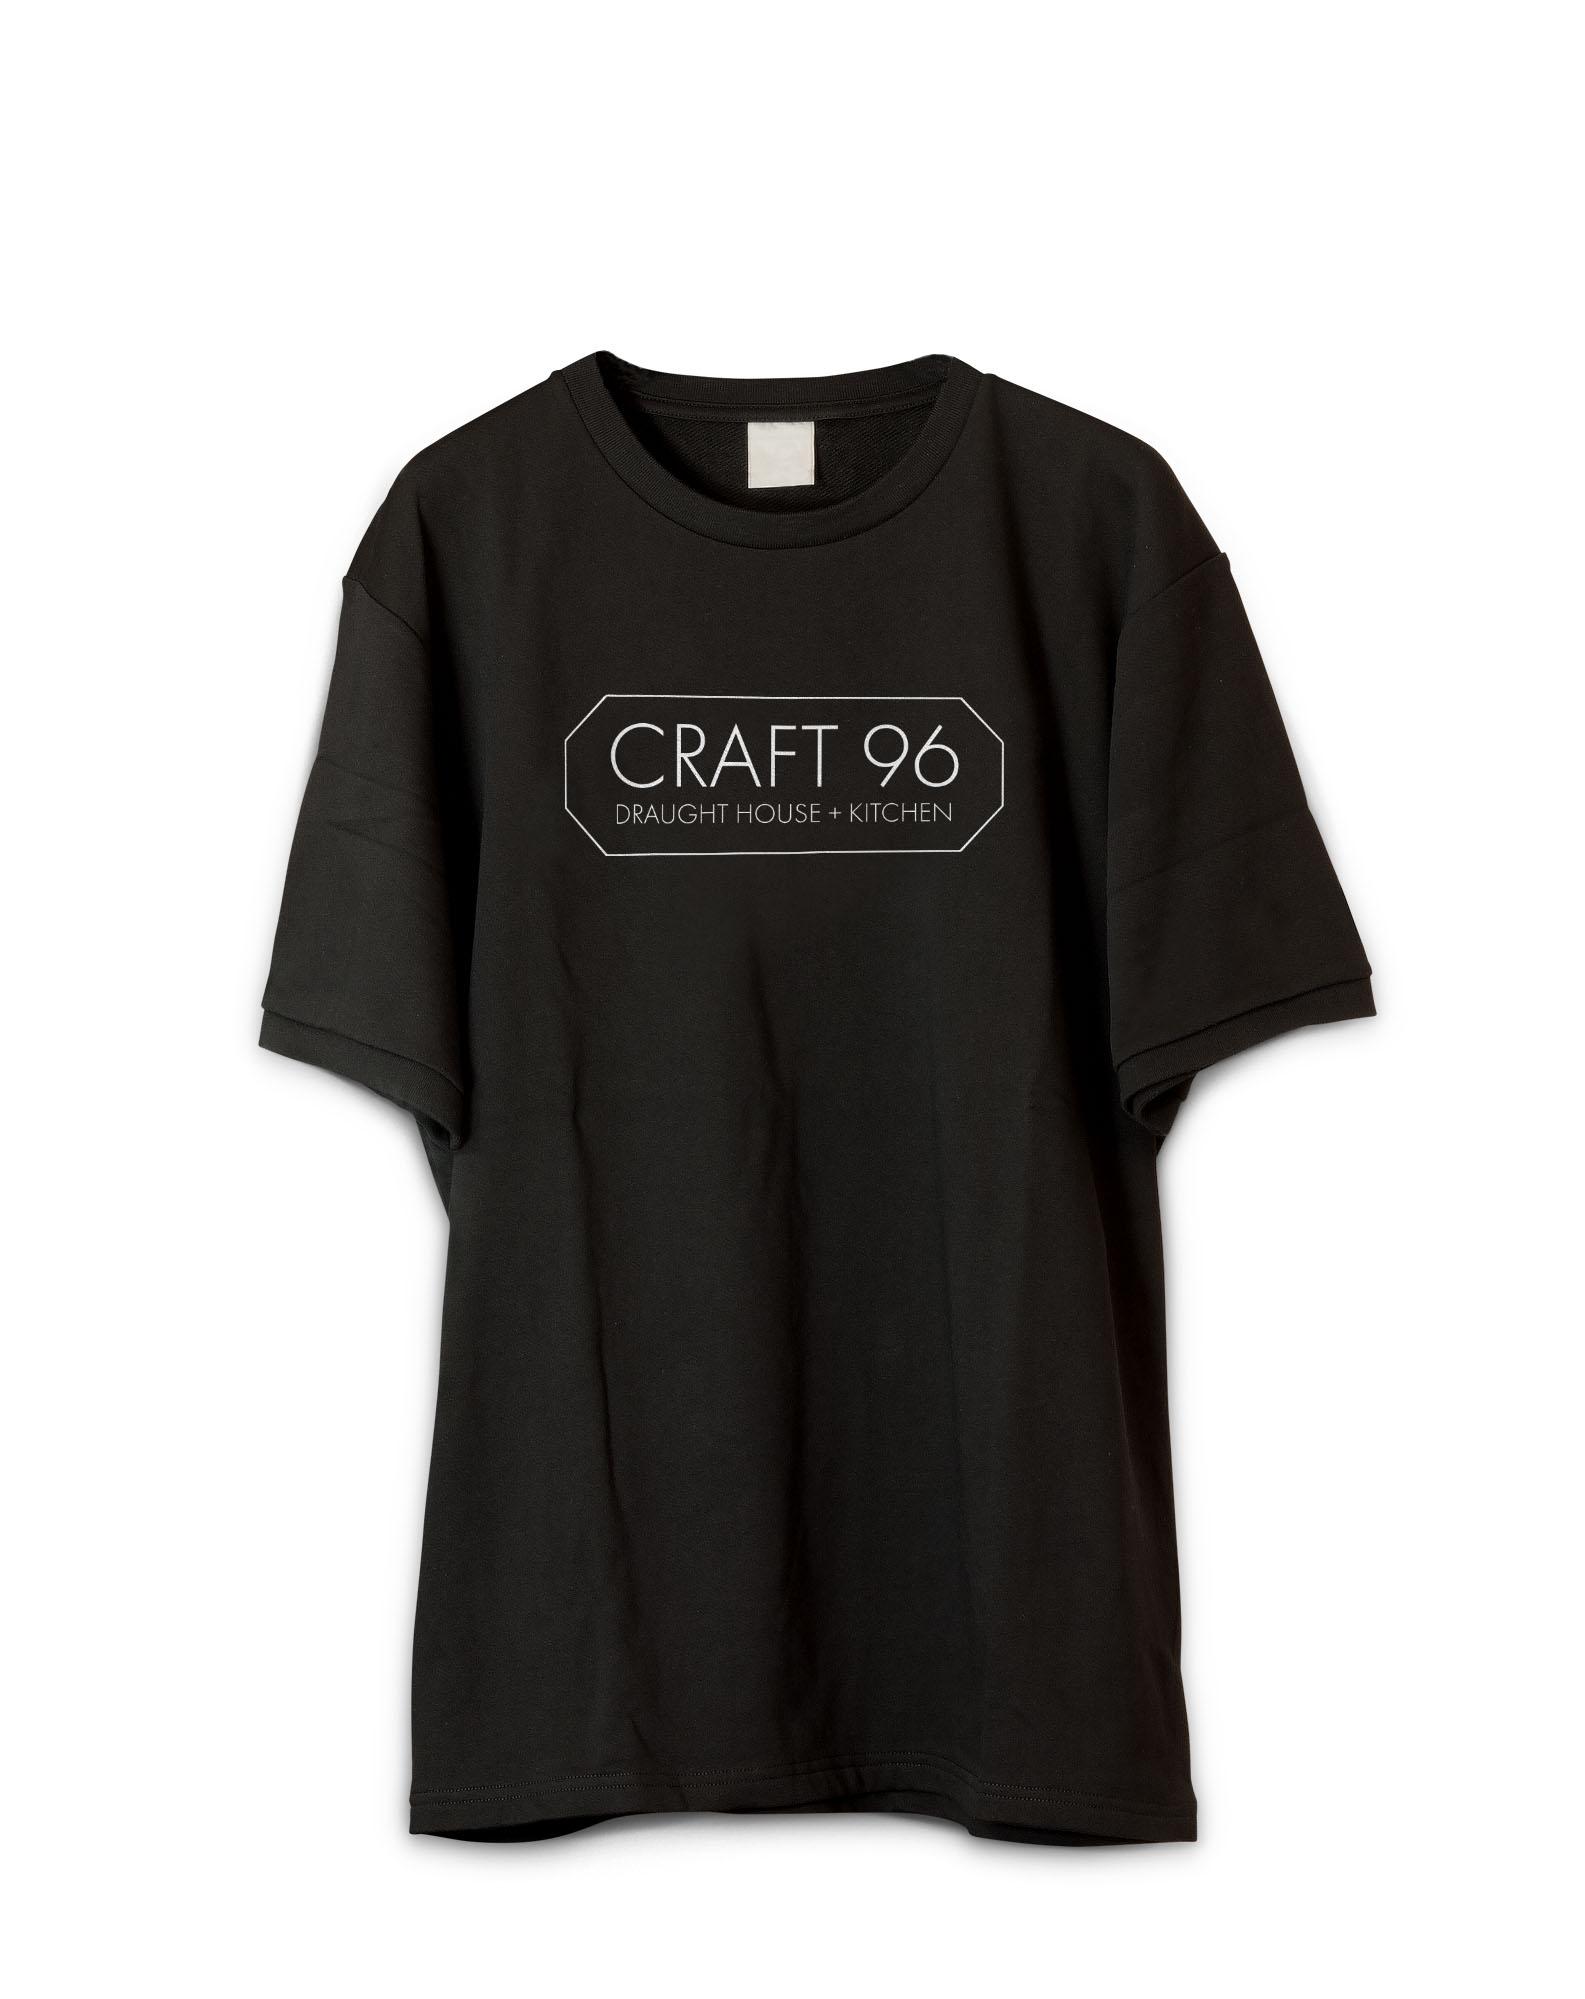 Craft 96 Official T-Shirt